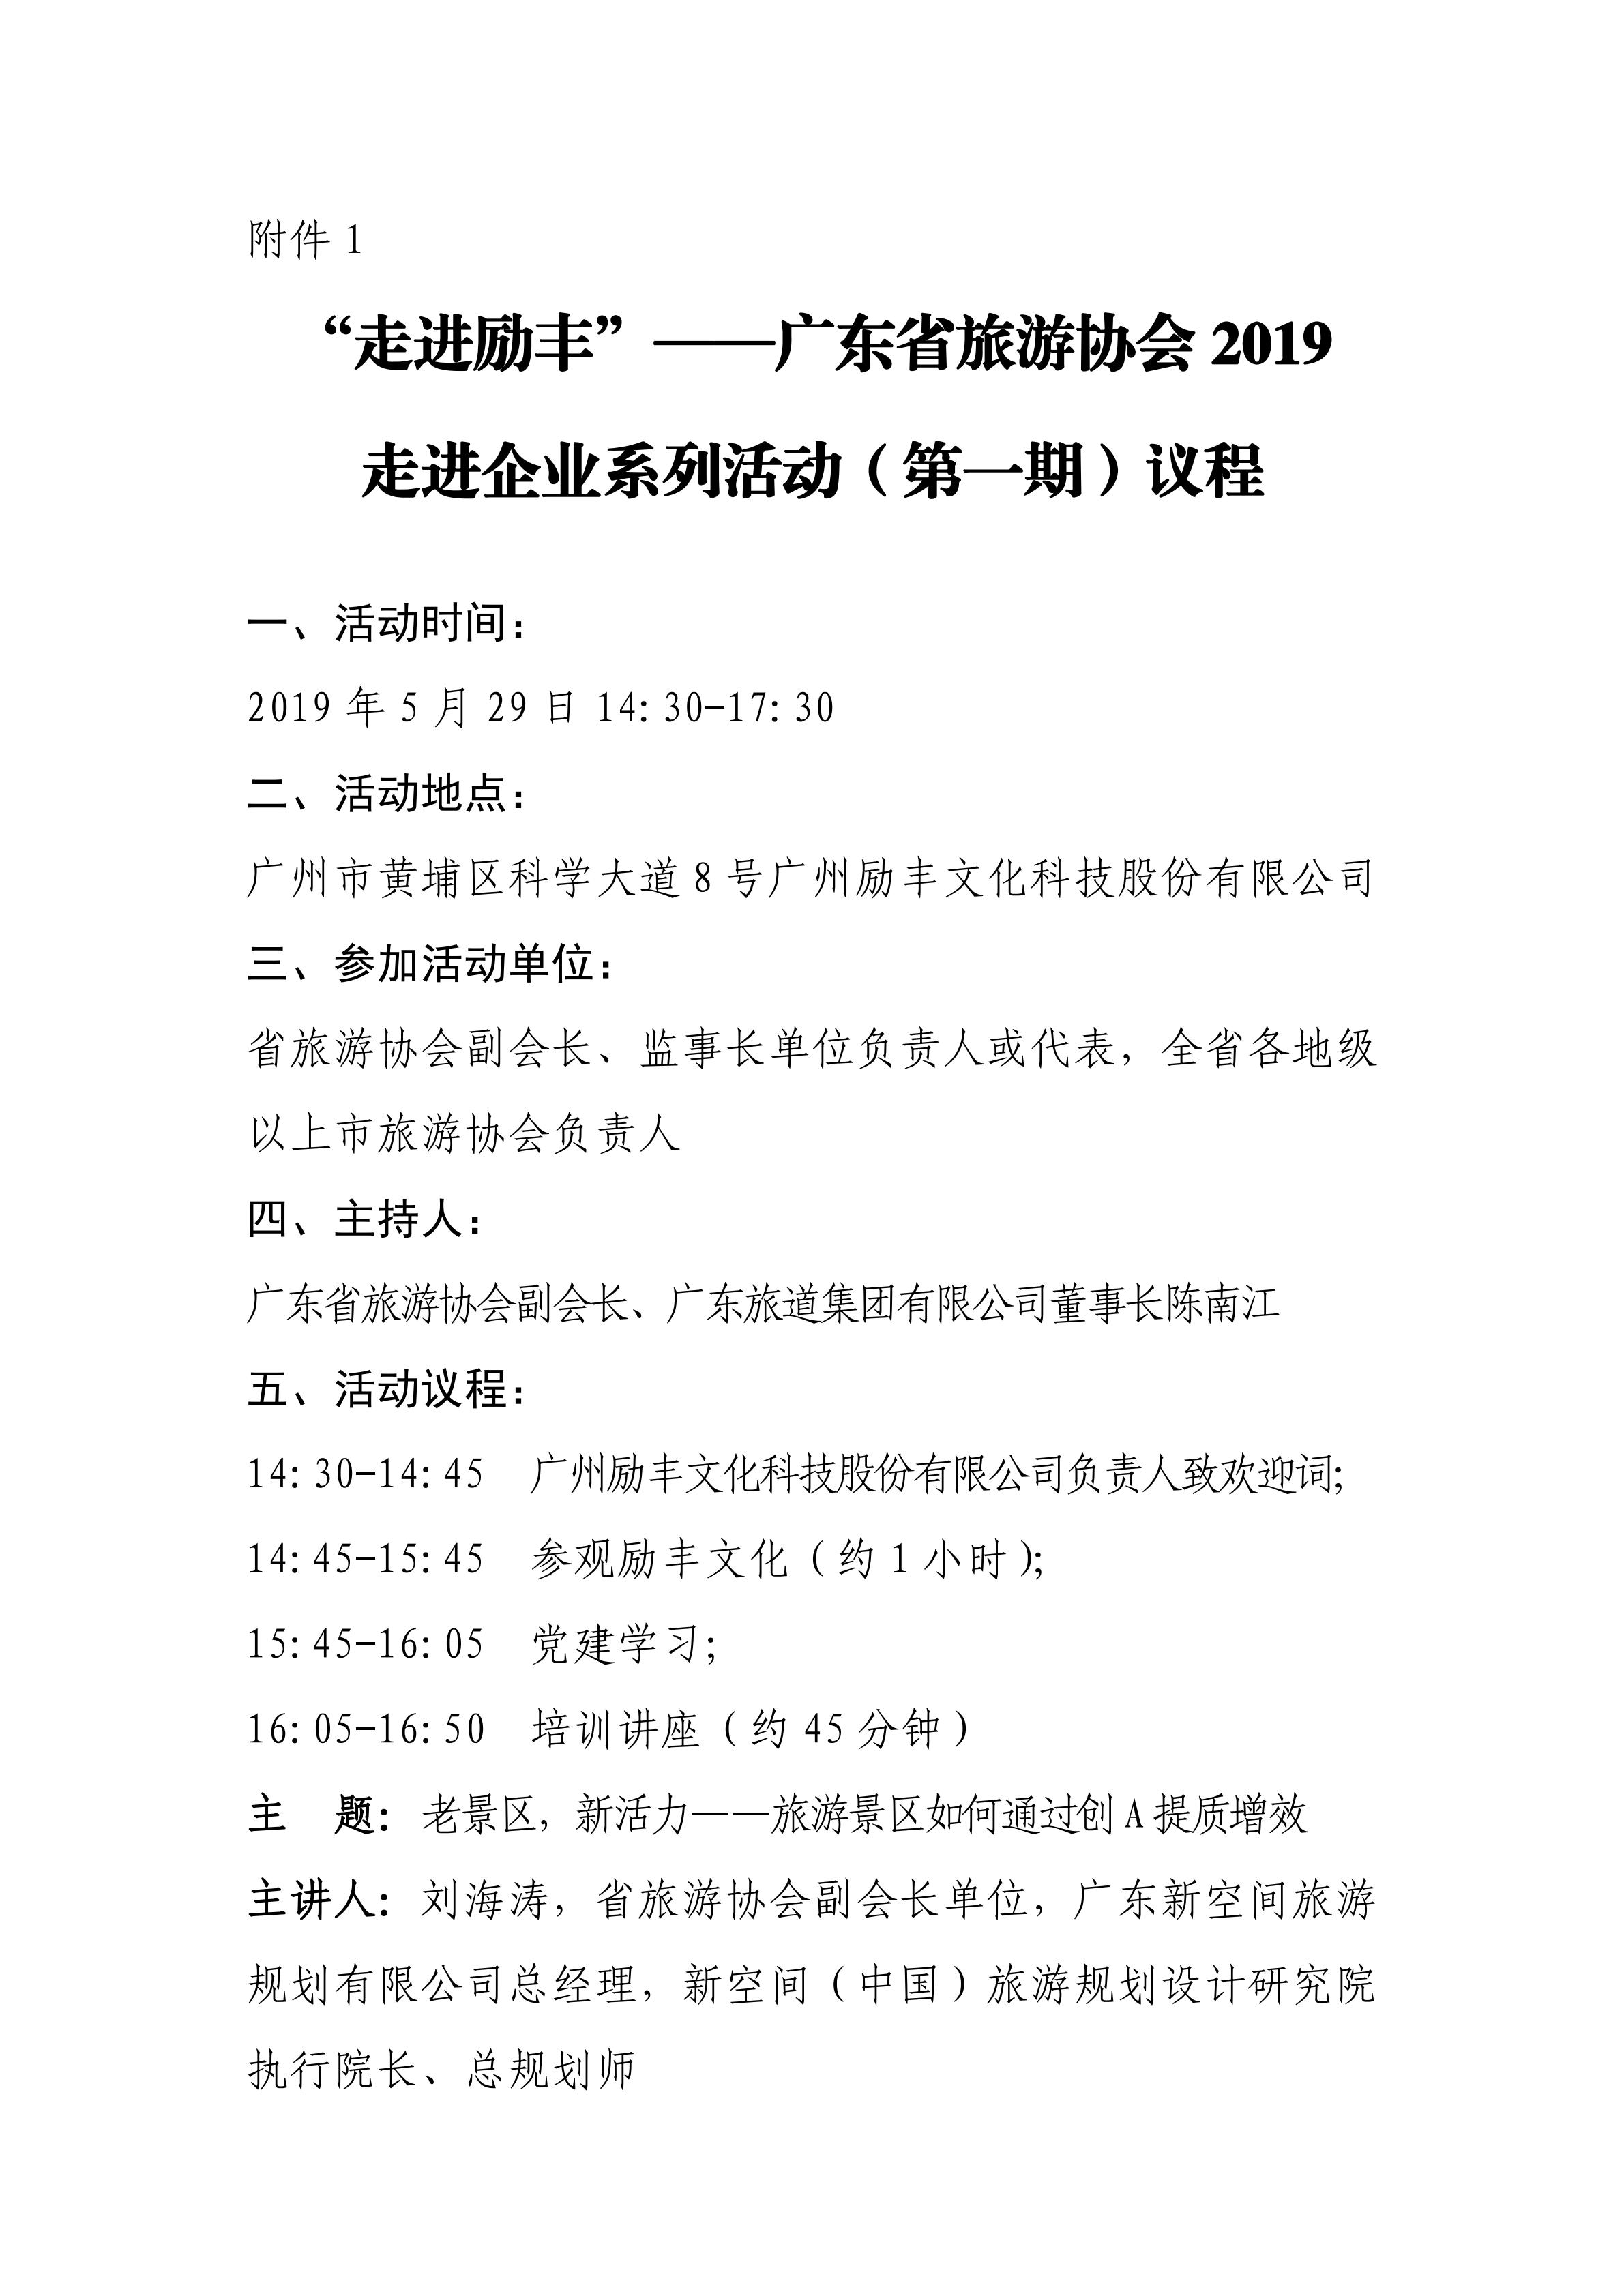 4_粵旅協函〔2019〕24號廣東省旅游協會關于邀請參加2019年走進企業系列活動的函-各副會長單位_02